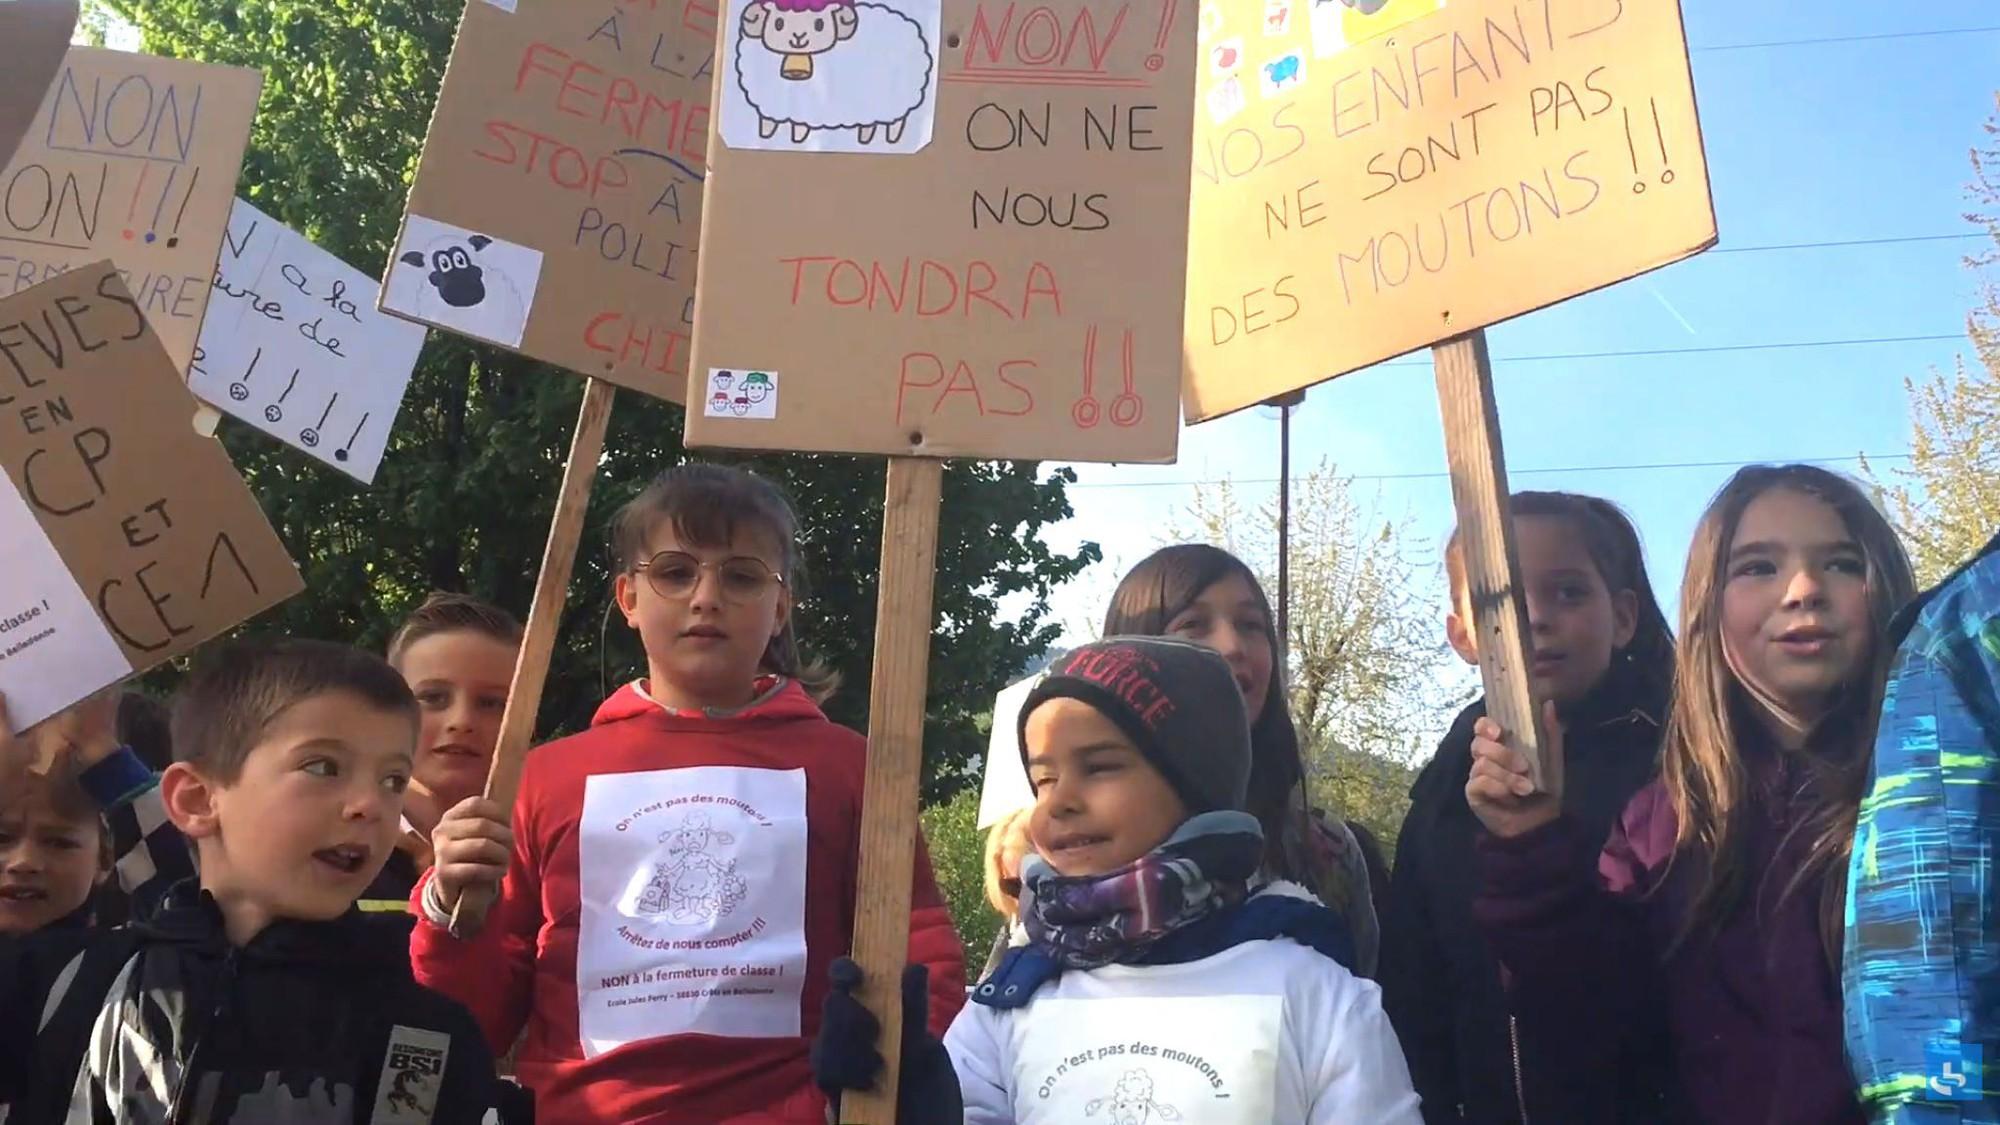 Pháp: Cho cừu đi học để cứu trường cứu lớp - Ảnh 2.